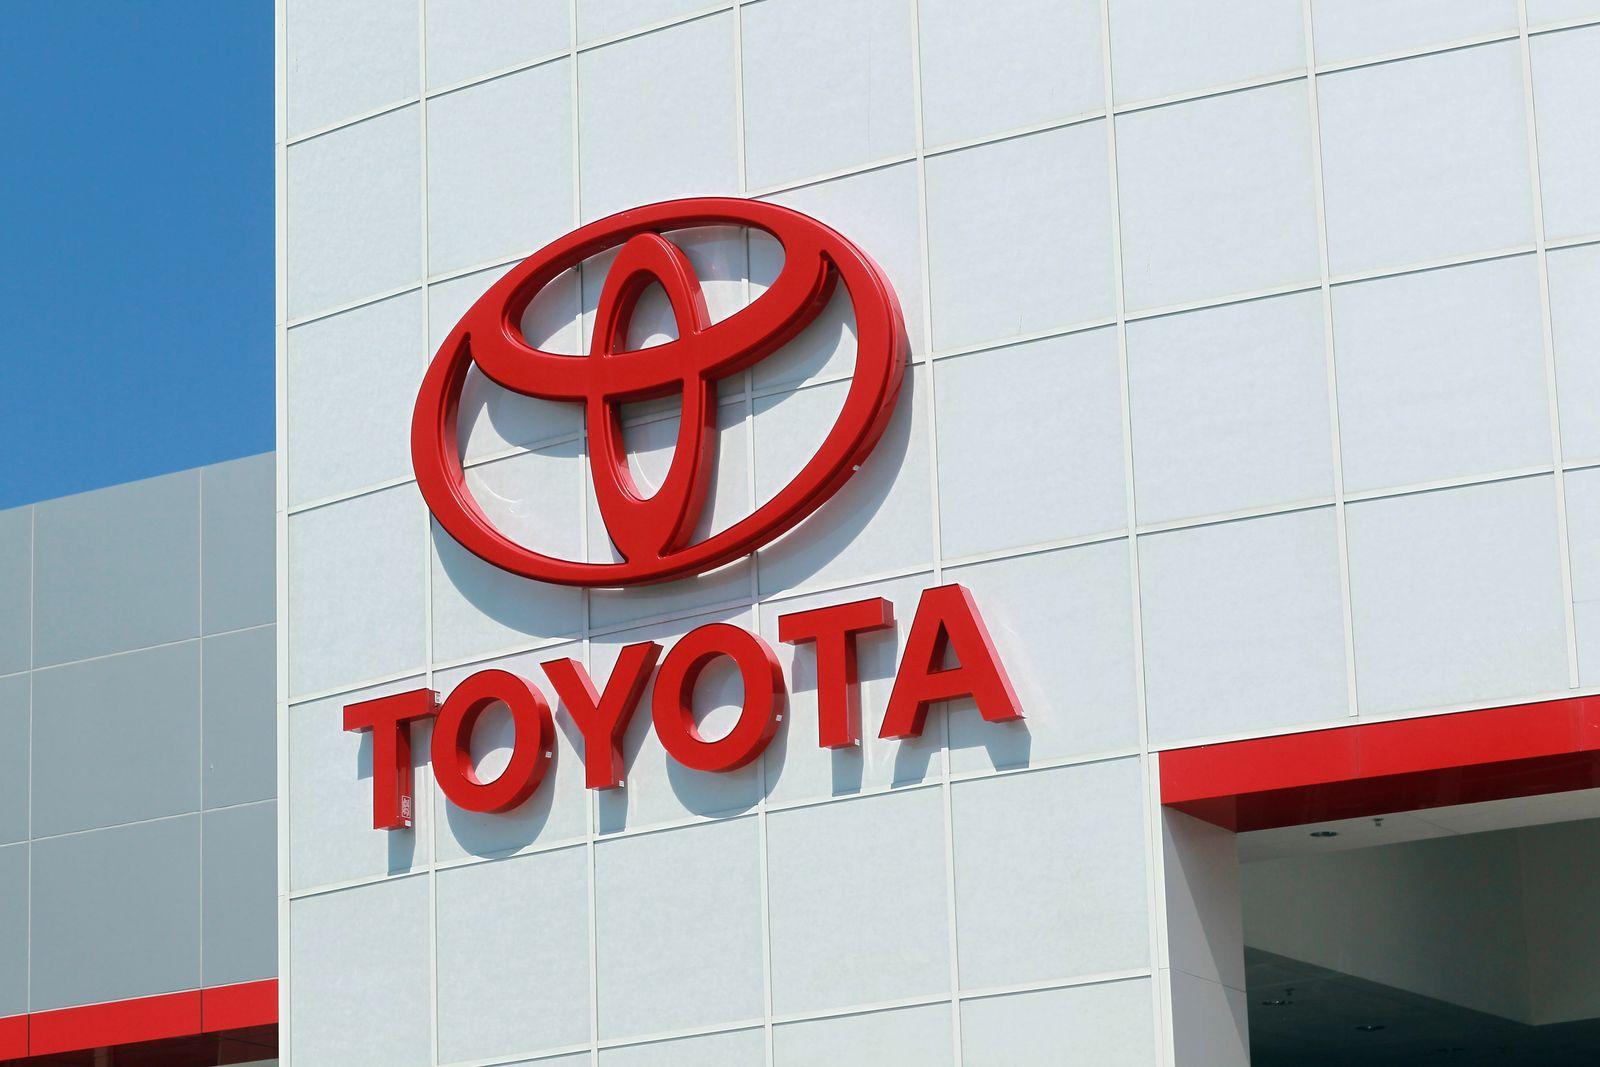 Toyota /Logo/Miami/Florida